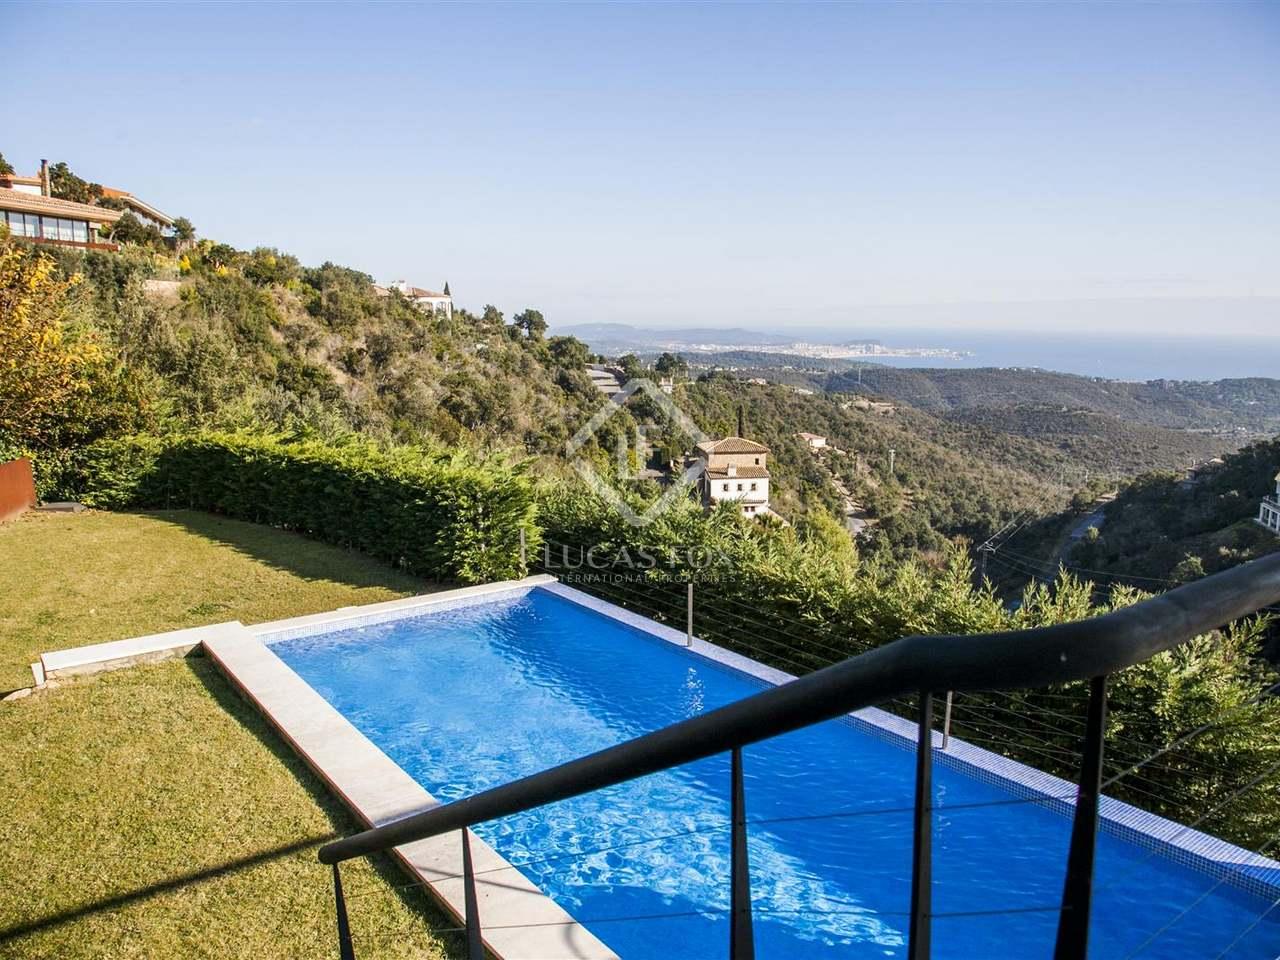 Villa moderna en venta en platja d 39 aro costa brava - Casa playa costa brava ...